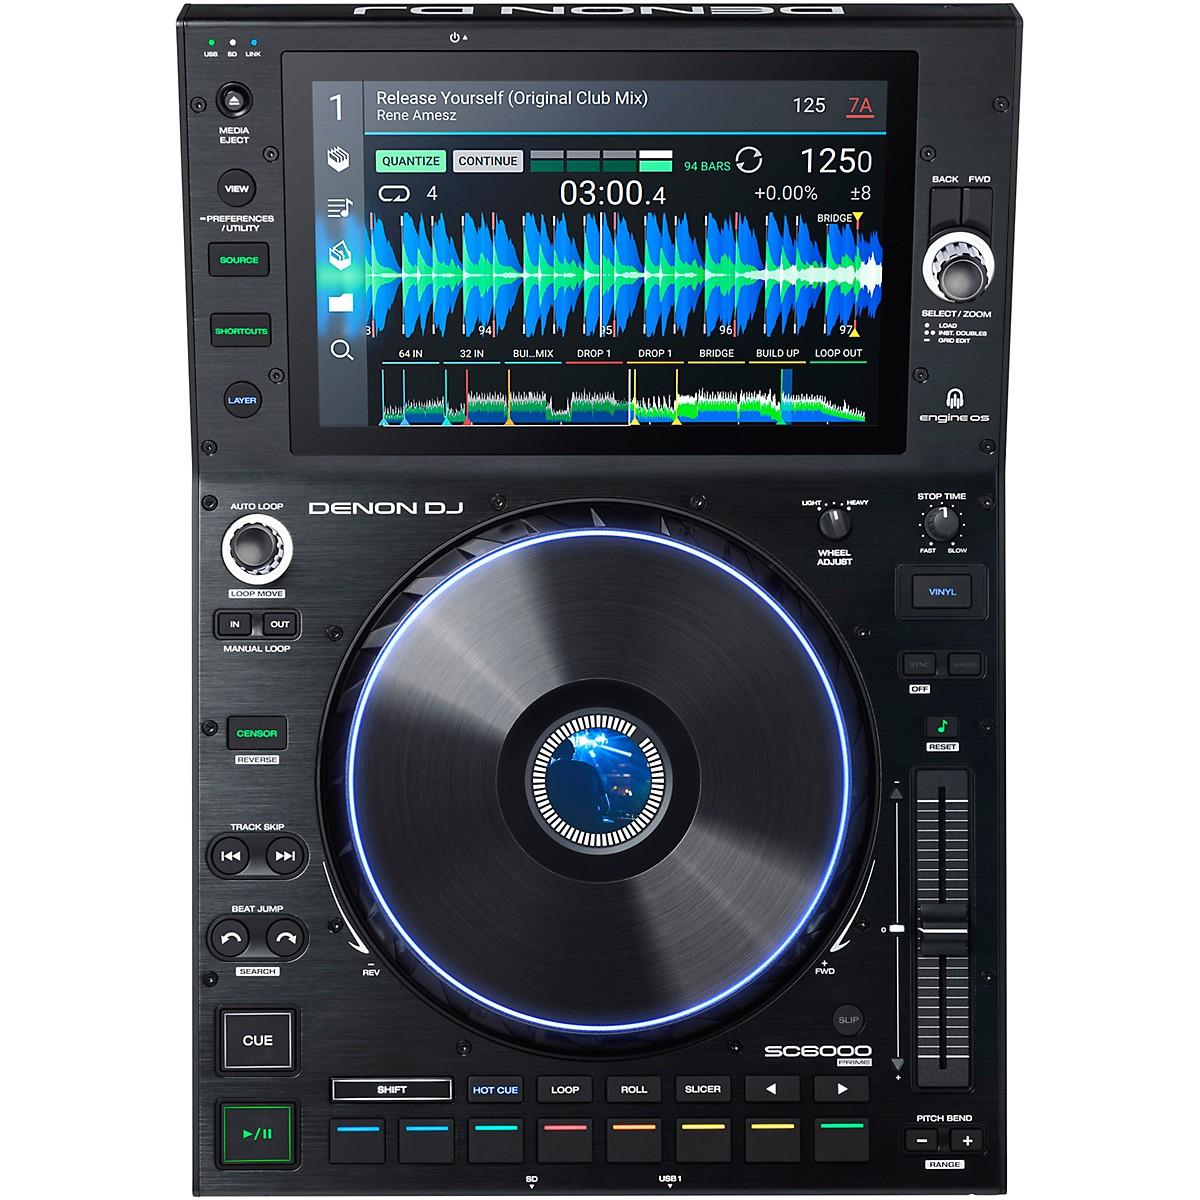 Denon DJ SC6000 PRIME Professional DJ Media Player